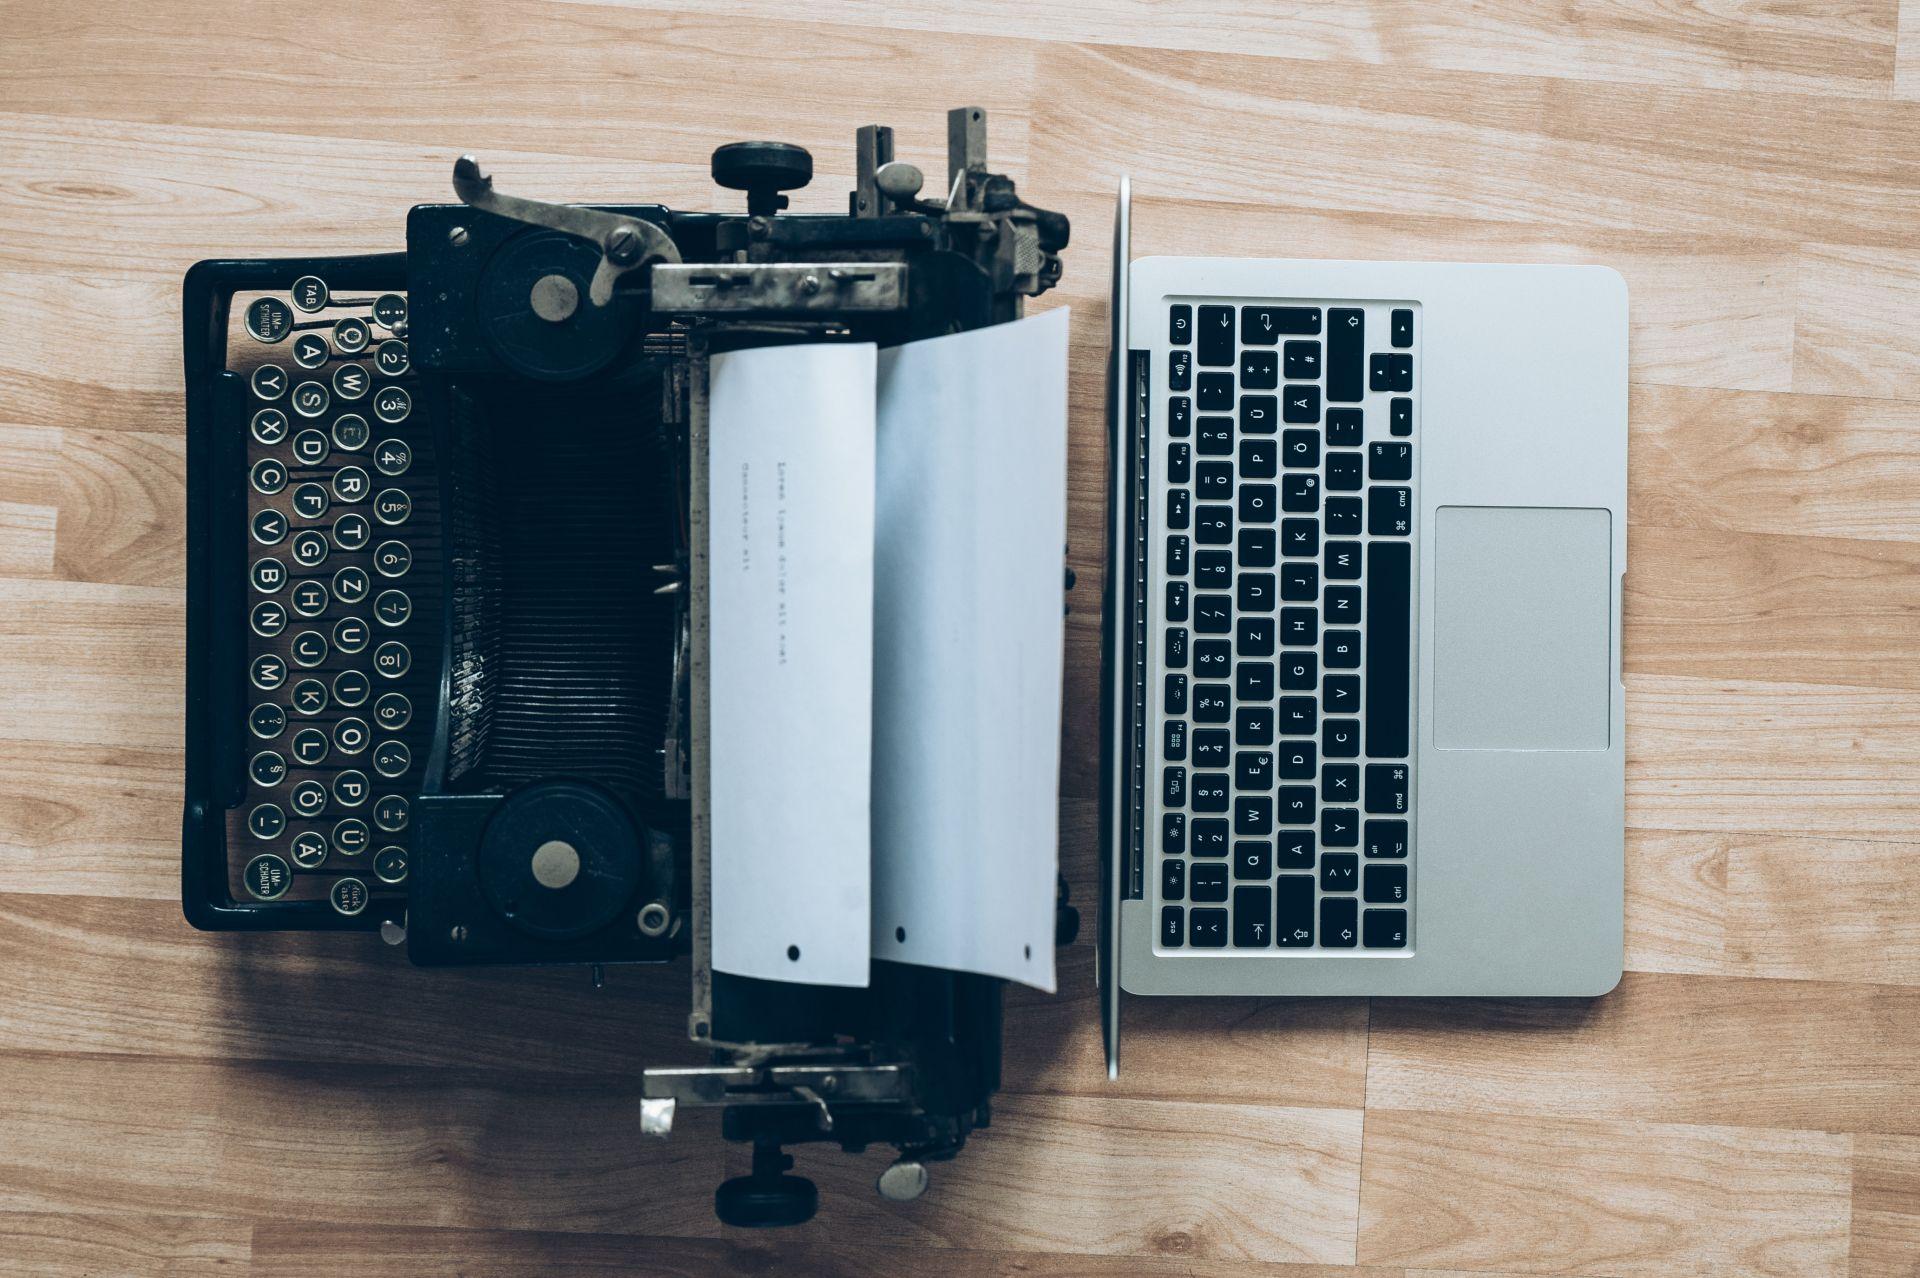 Antike schwarze Schreibmaschine versus Digitalisierung in Form eines  modernen weißen Laptops.